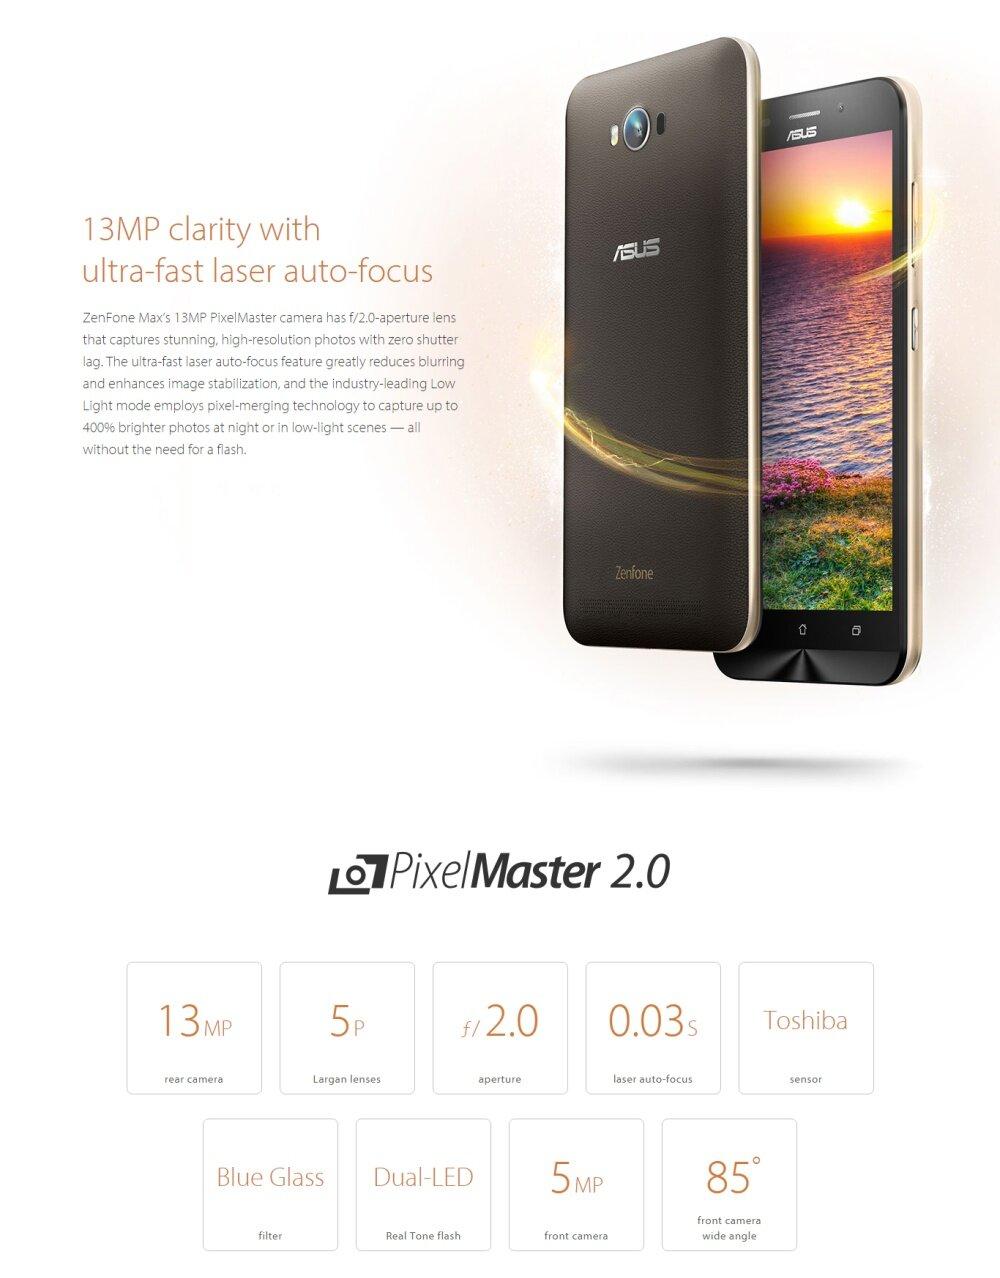 Asus Zenfone Max 55 2gb 16gb Zc550kl Black Malaysia 2 32gb Image